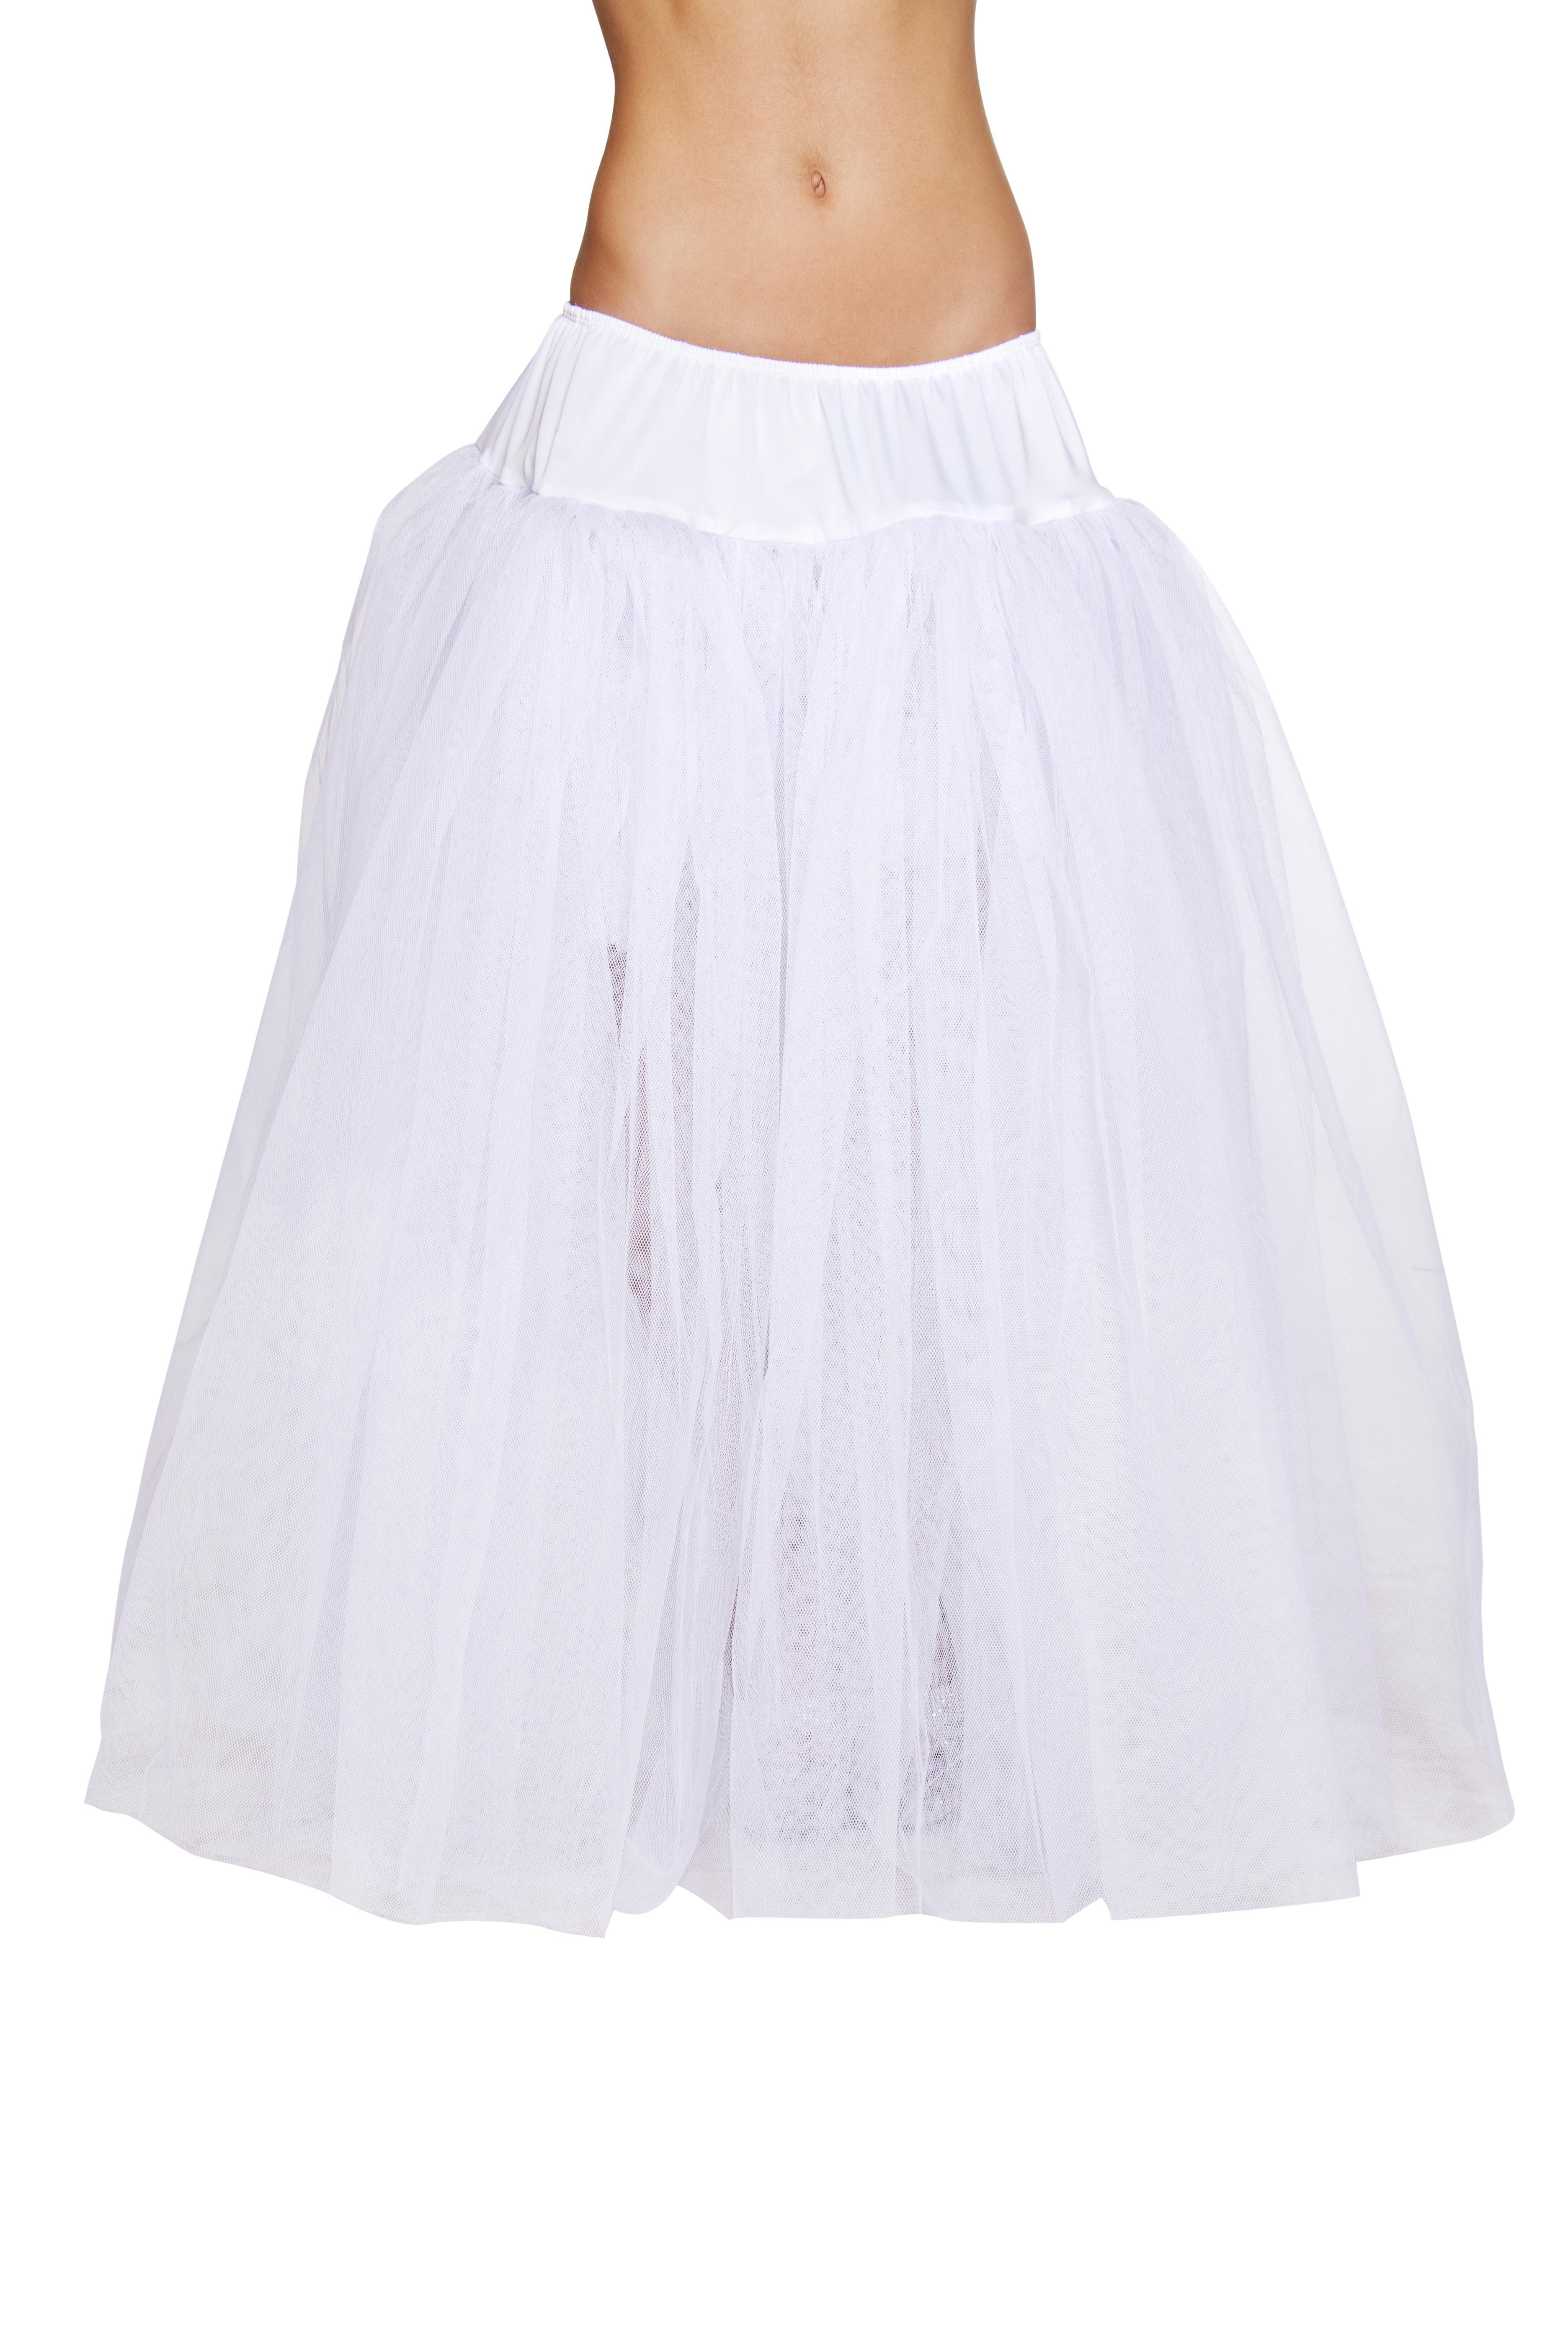 Full Length White Petticoat